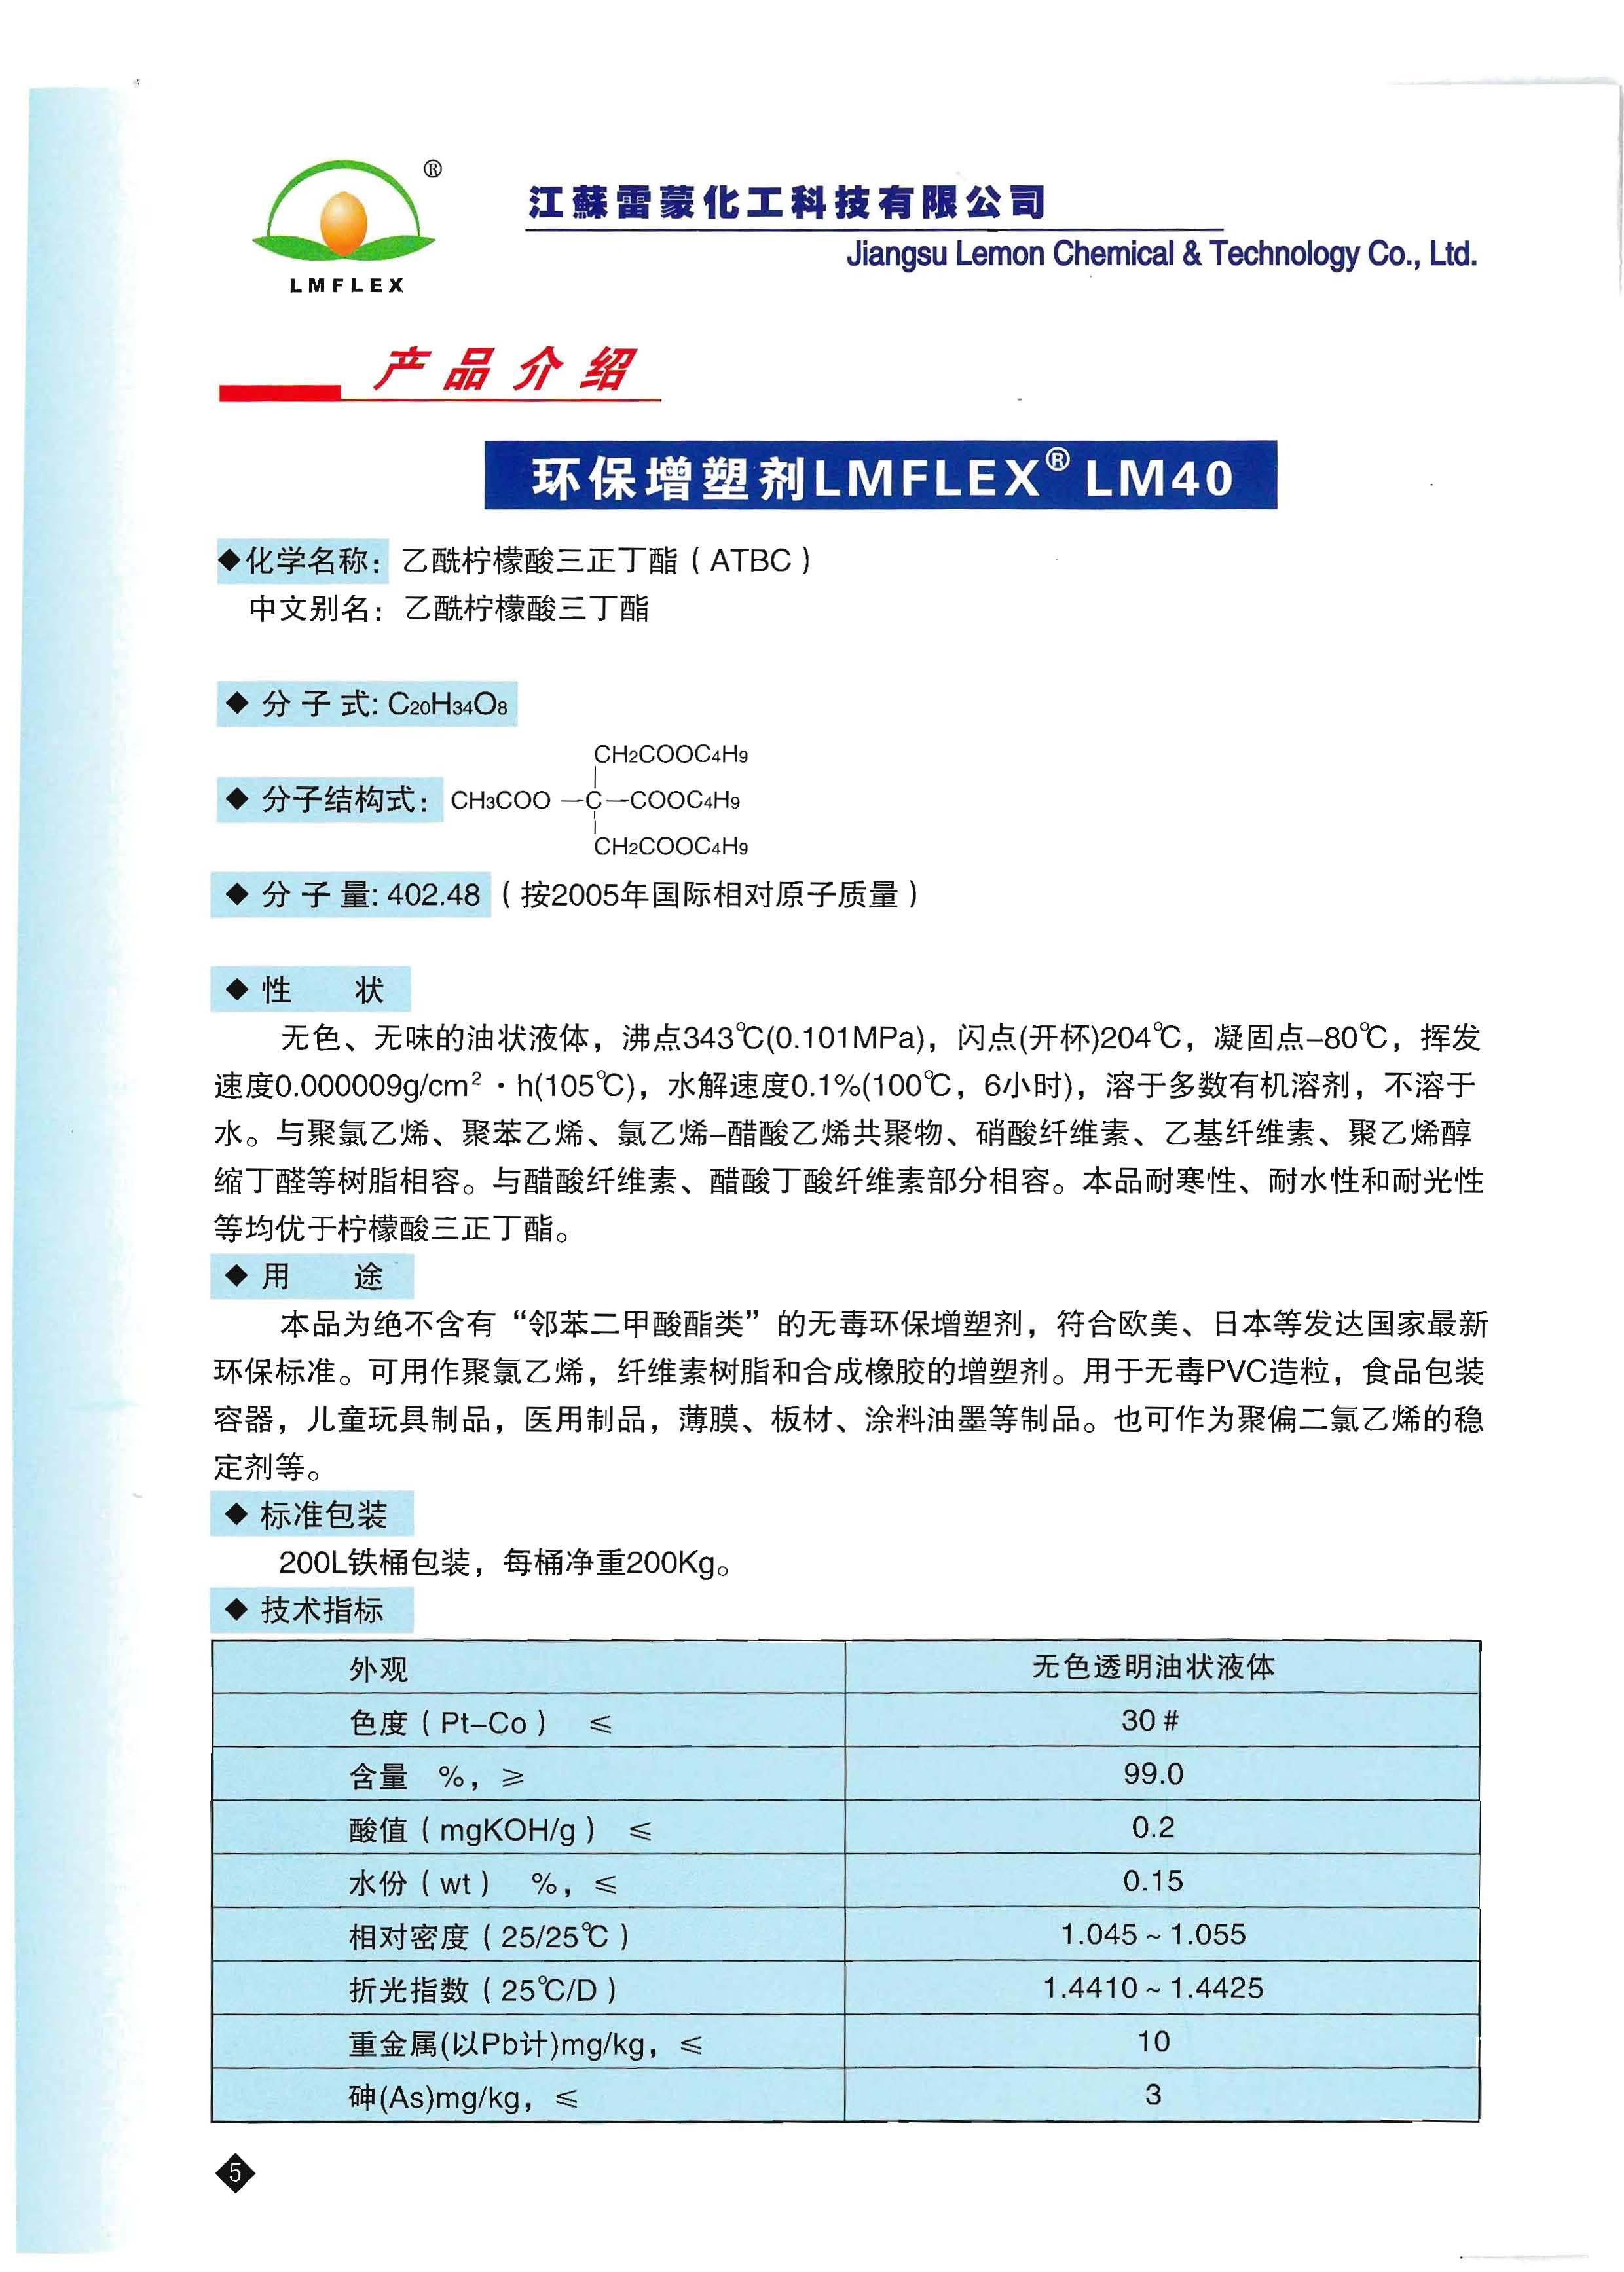 江苏乙酰柠檬酸三正丁酯_江苏雷蒙新材料有限公司